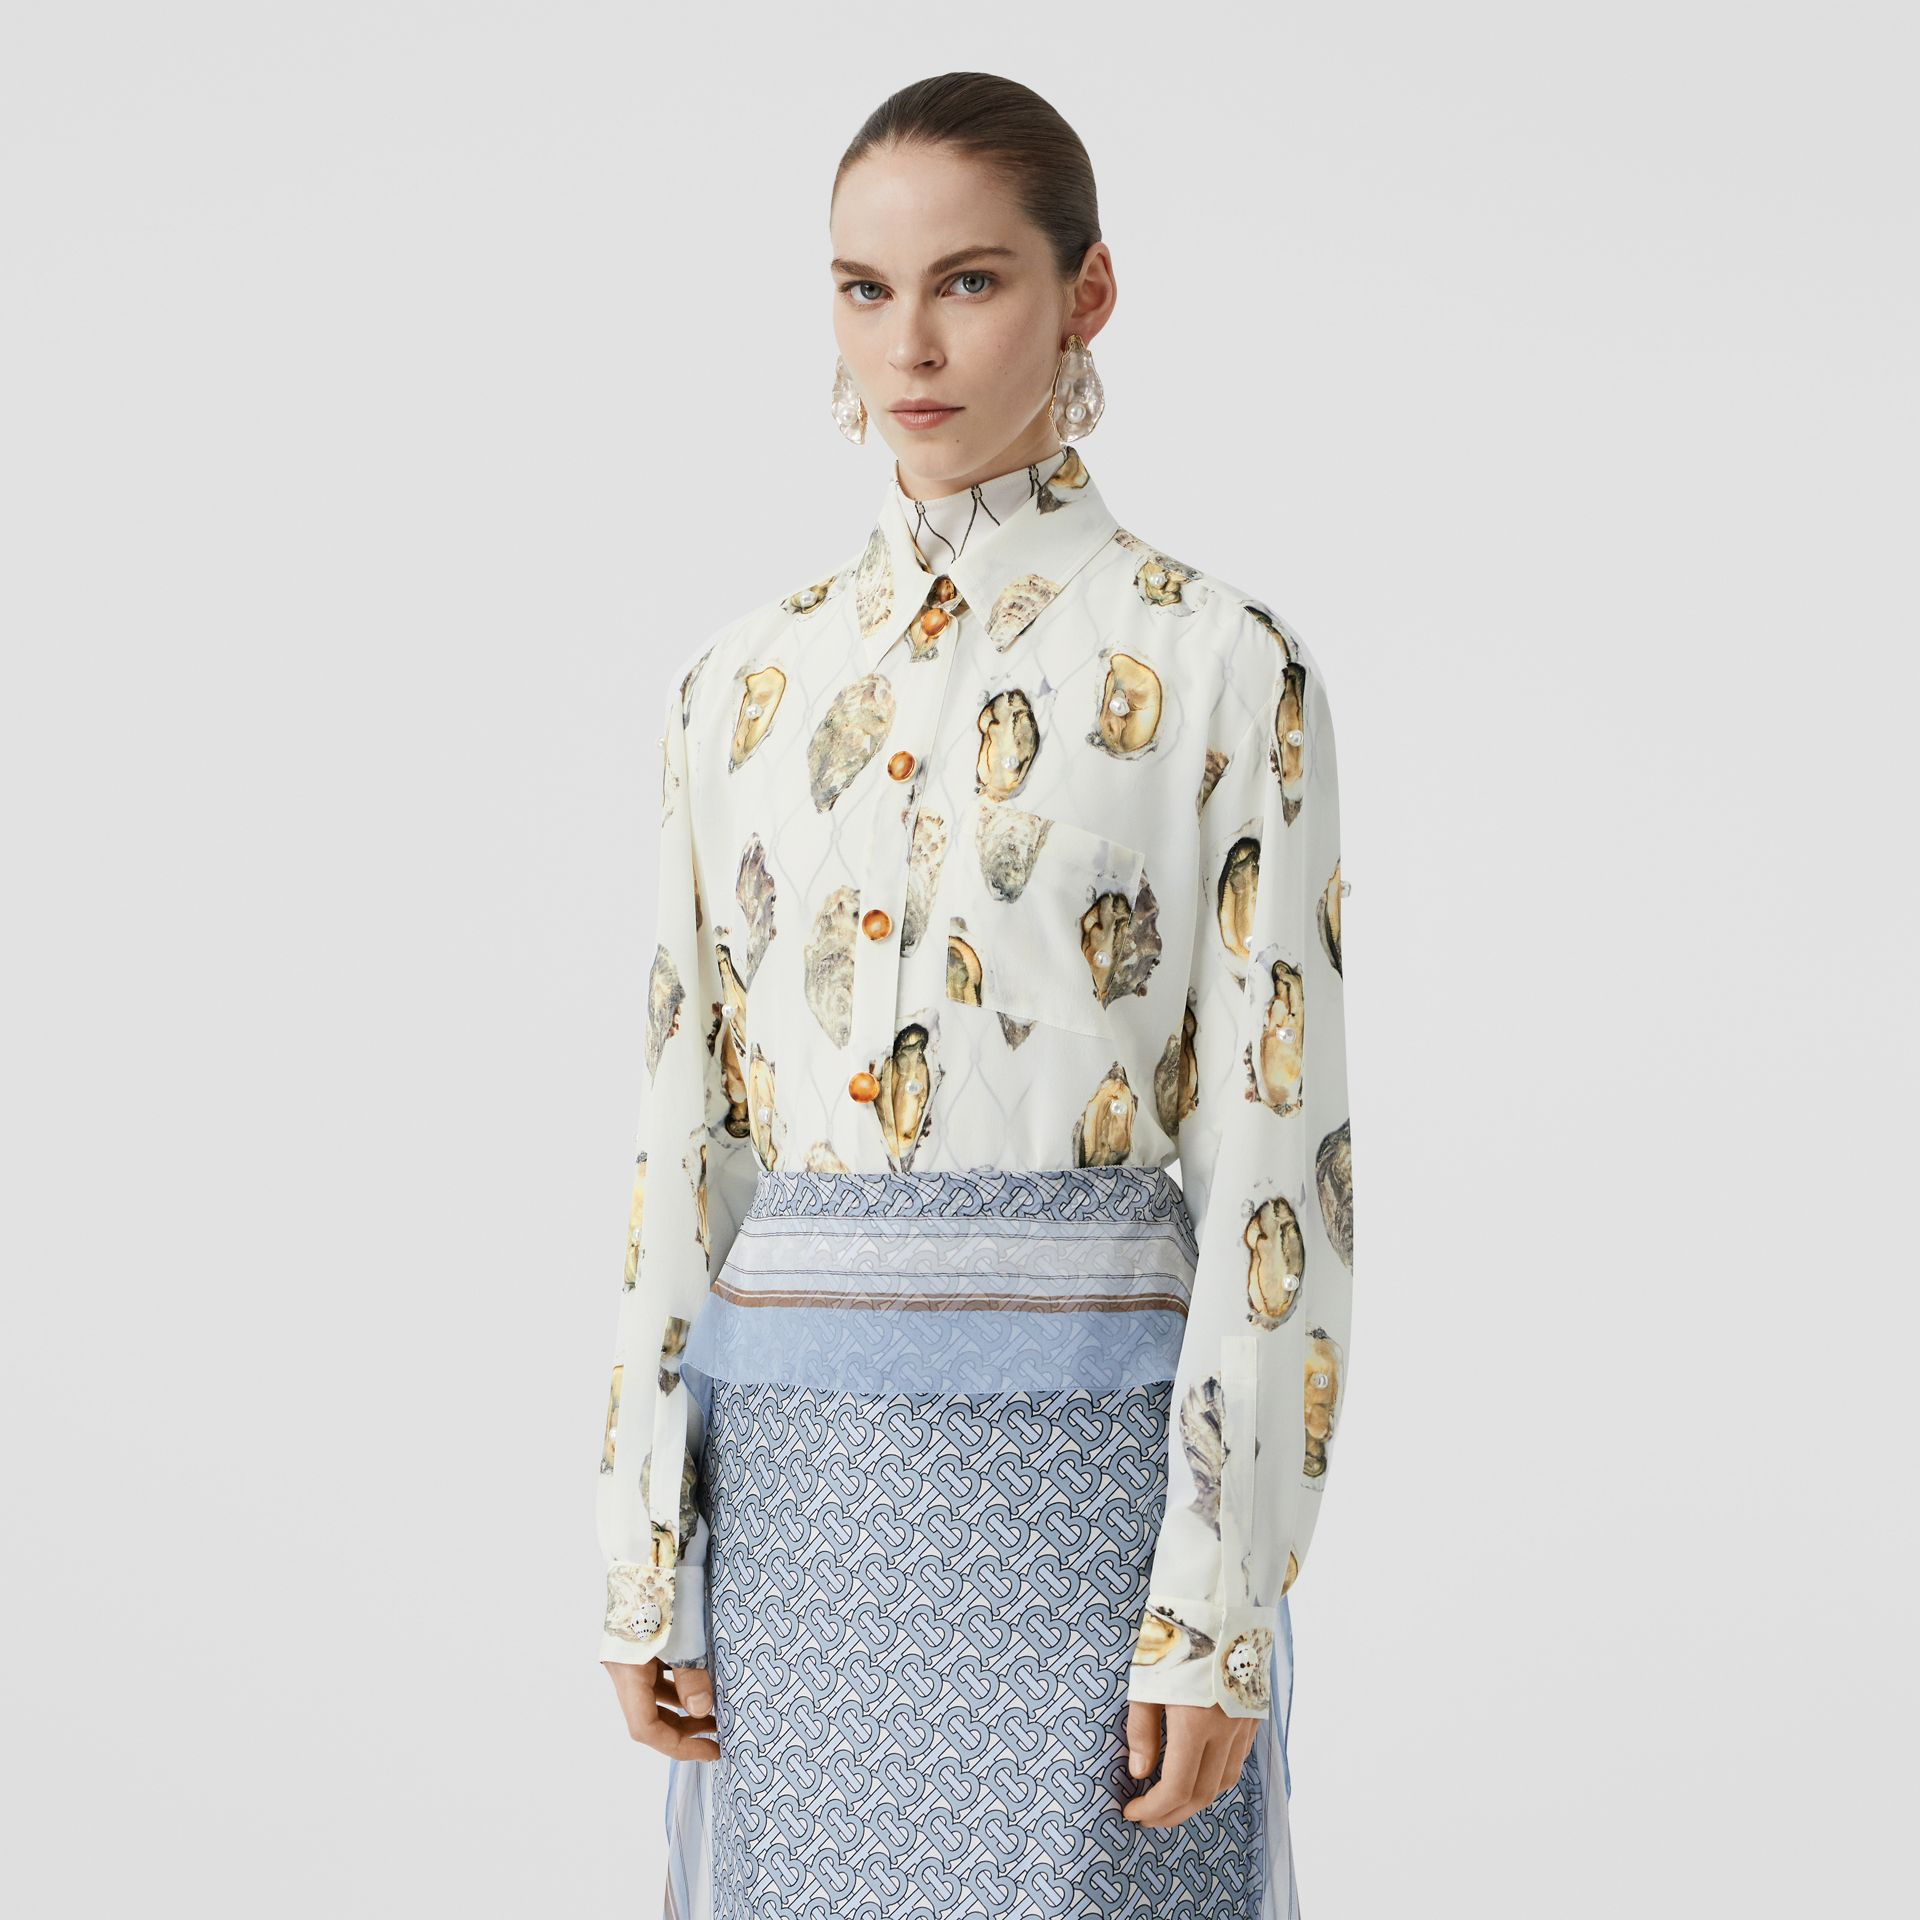 Camisa oversize de seda com estampa de ostra (Branco) - Mulheres | Burberry - galeria de imagens 5